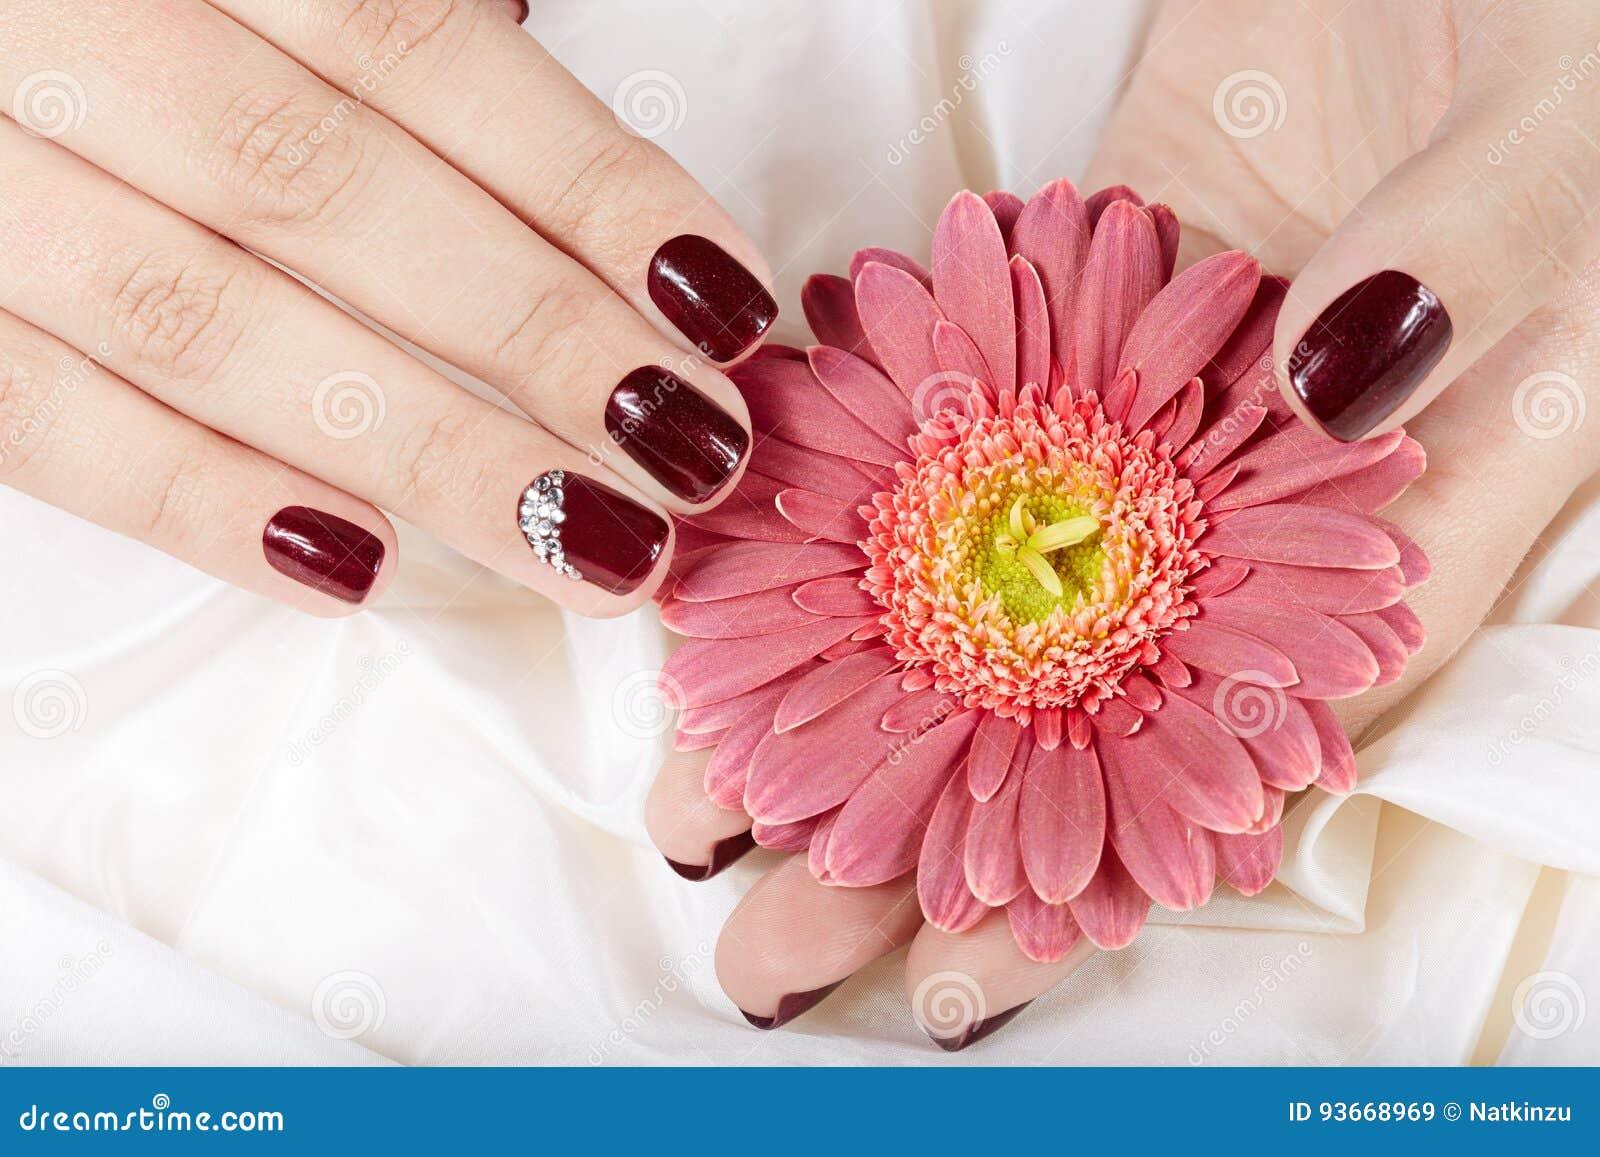 Mãos com os pregos manicured curtos coloridos com verniz para as unhas roxo escuro